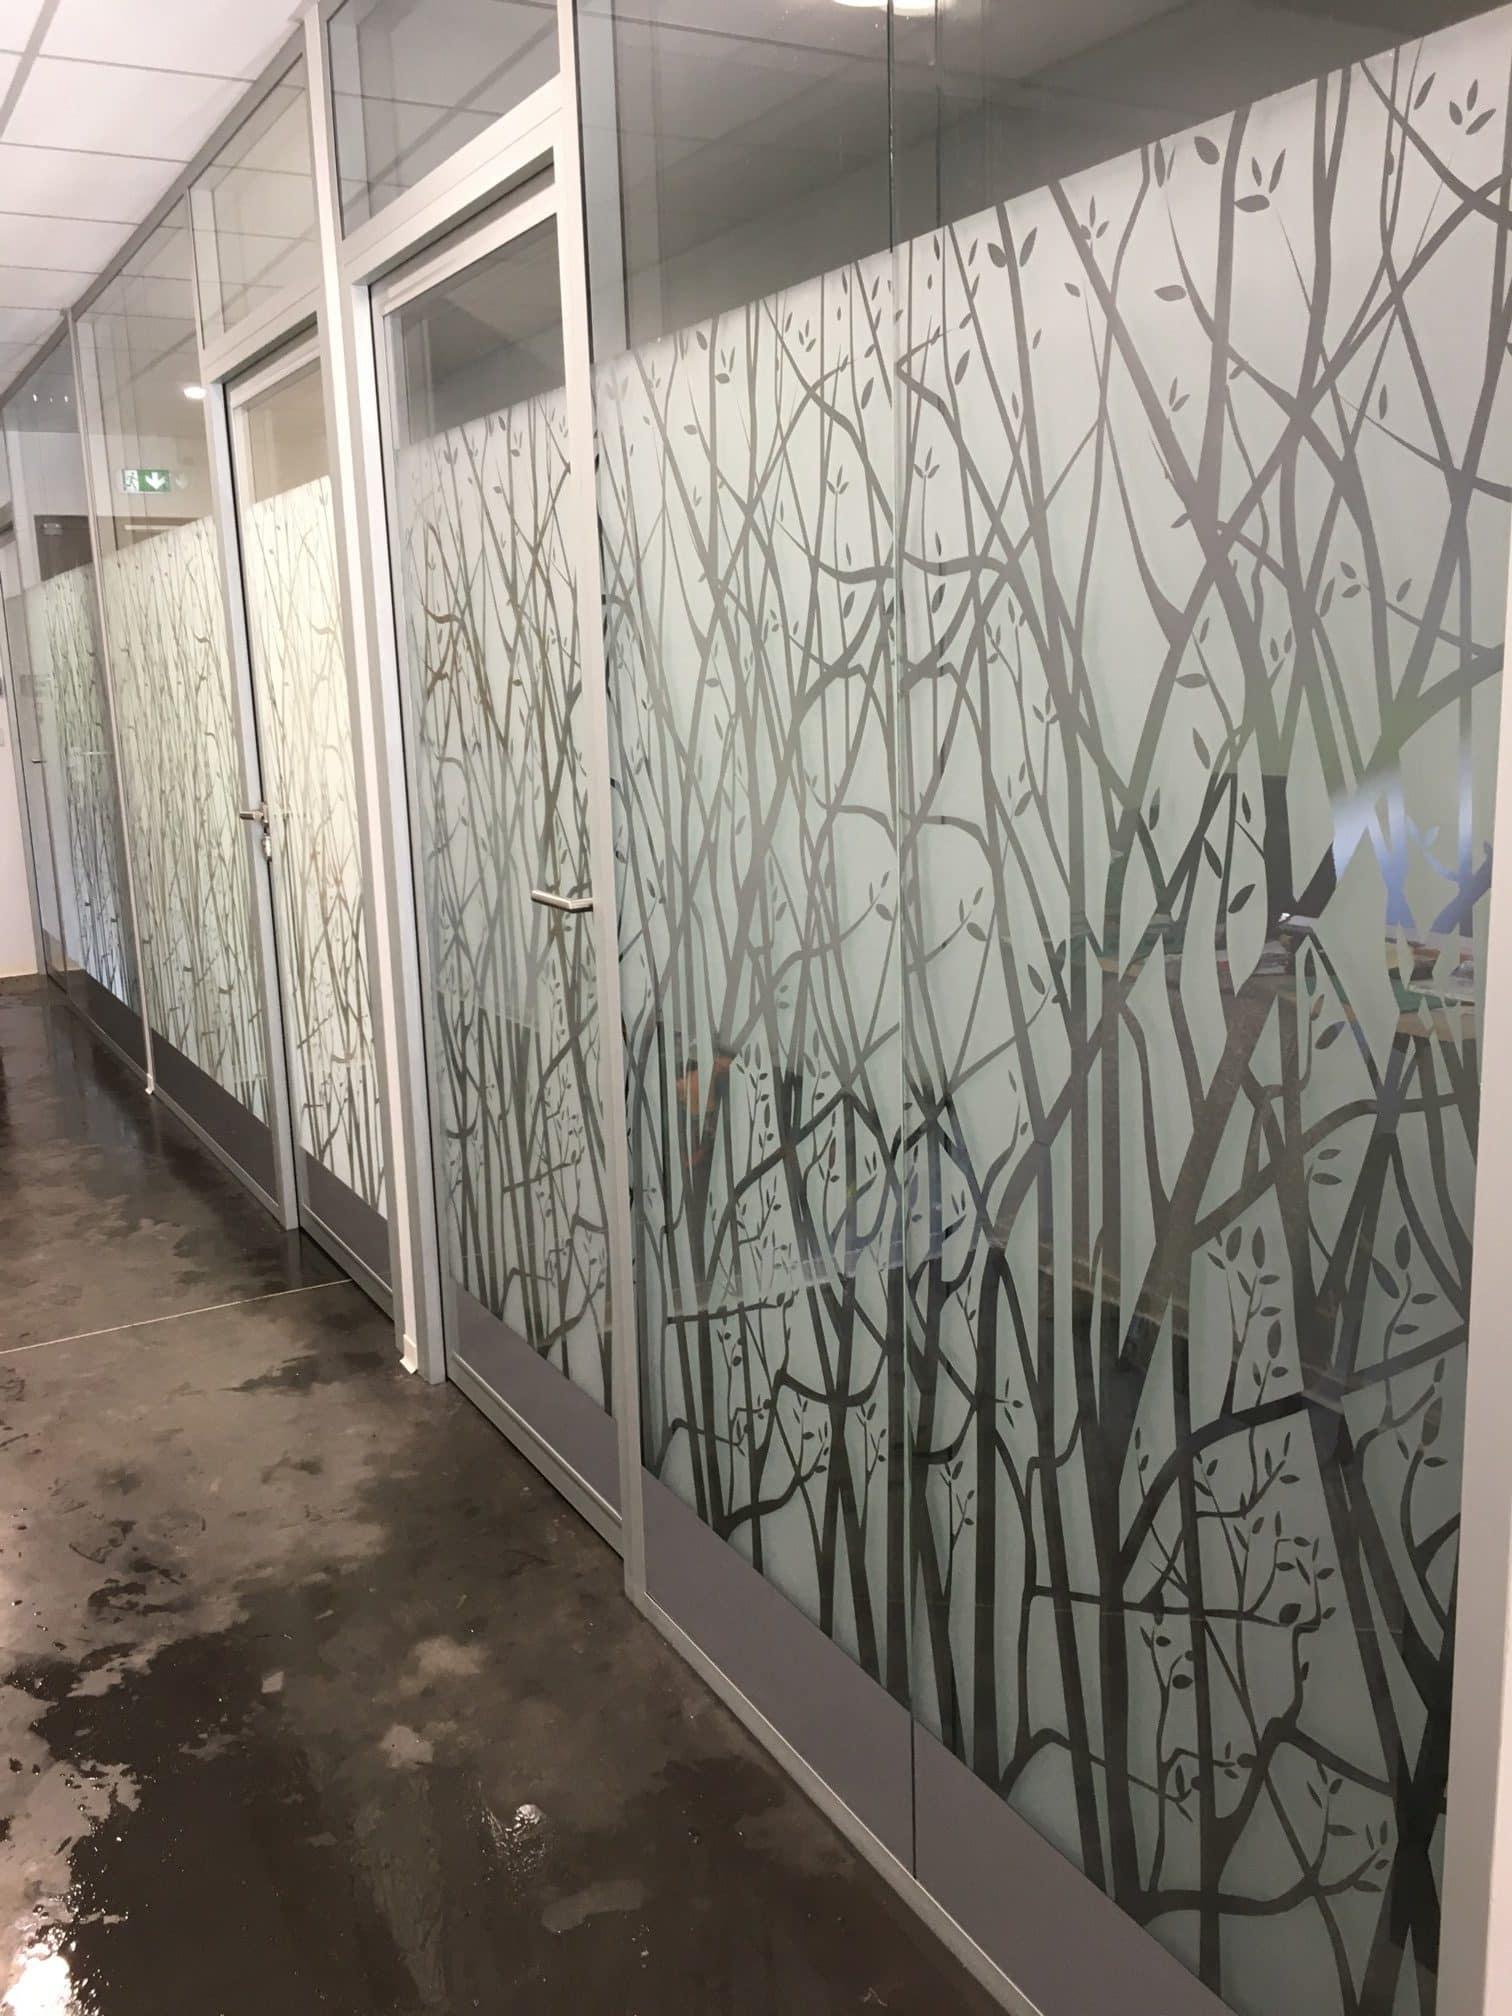 Pose dépoli (motif arbres) sur vitres - La grande Pépinière Guerrot - Quimper